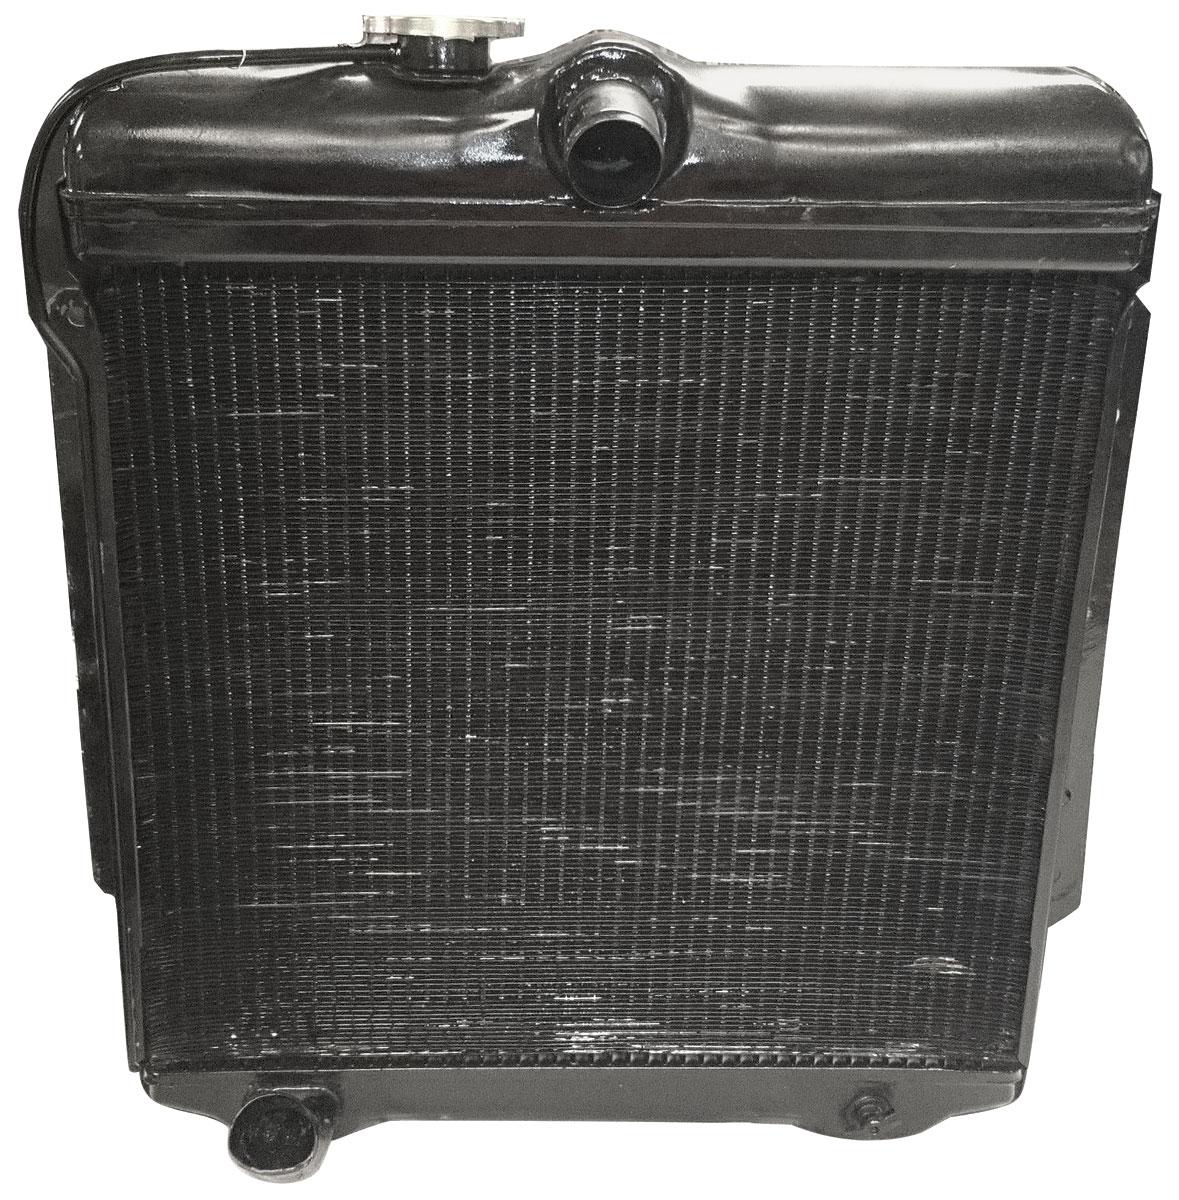 Radiator, 1954-56 Cadillac, Original Style, 4 Row